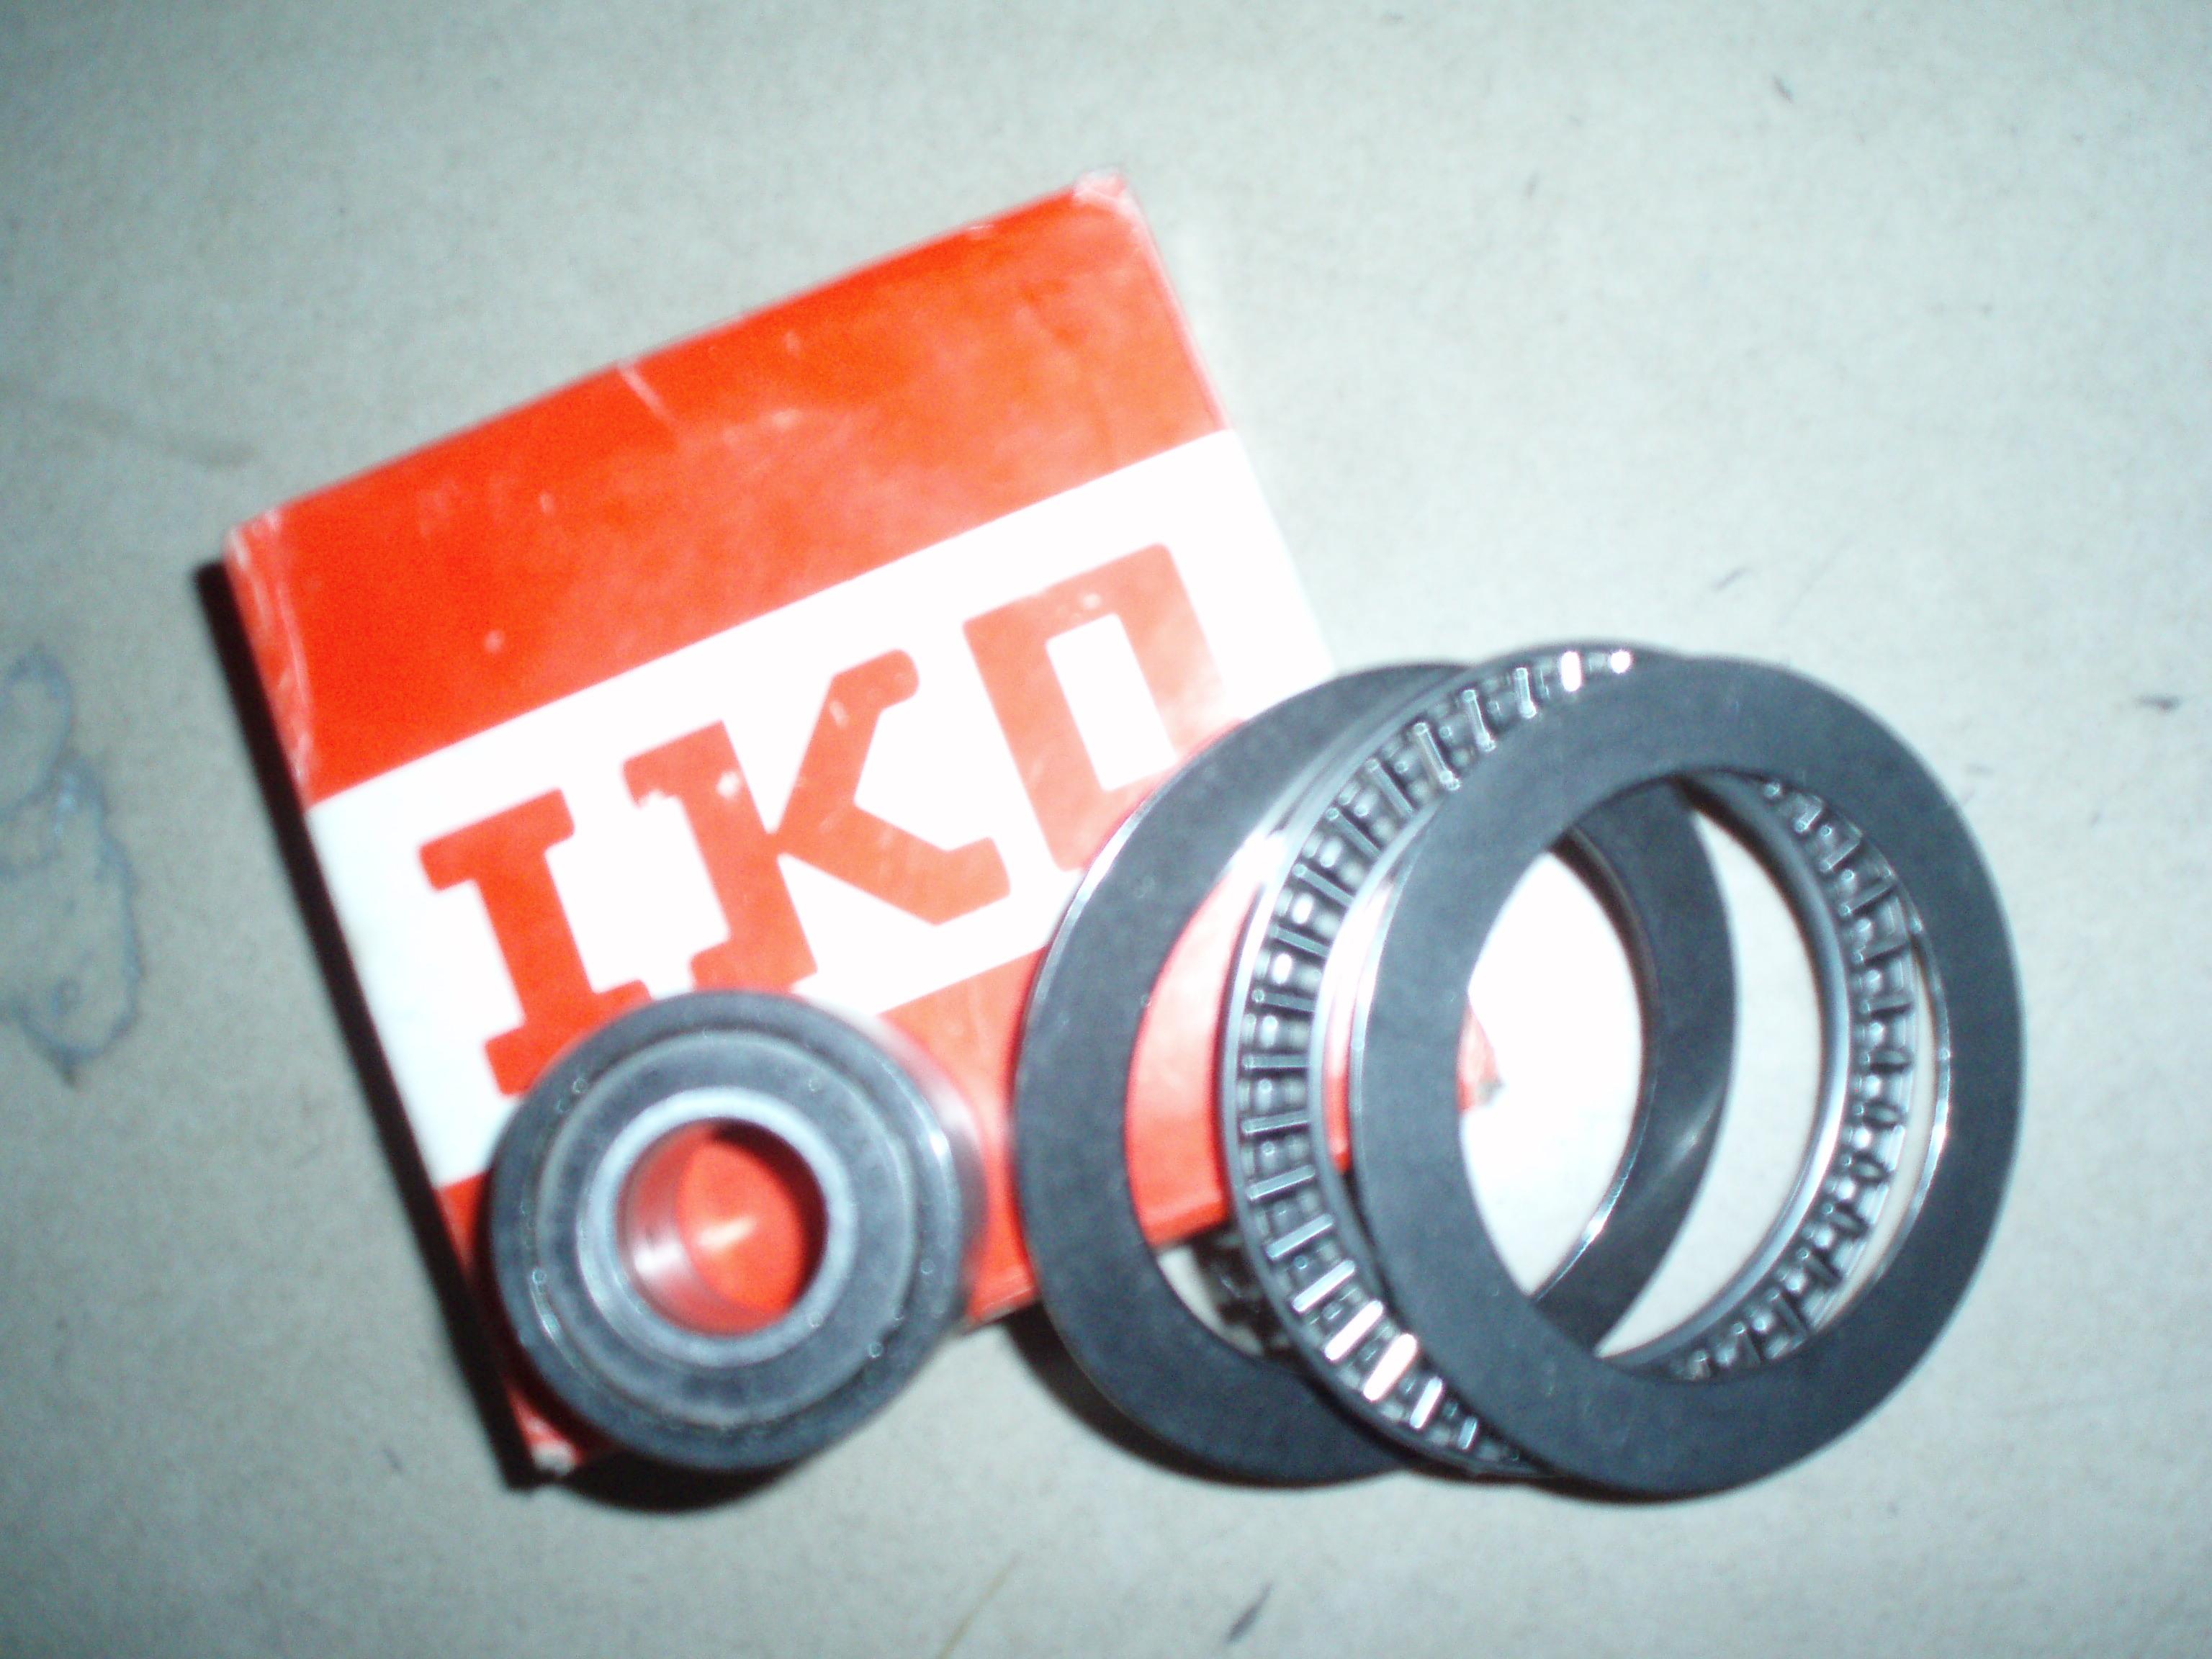 滚轮轴承 滚针轴承 IKO滚针轴承 轴承商家报价 滚针轴承包邮